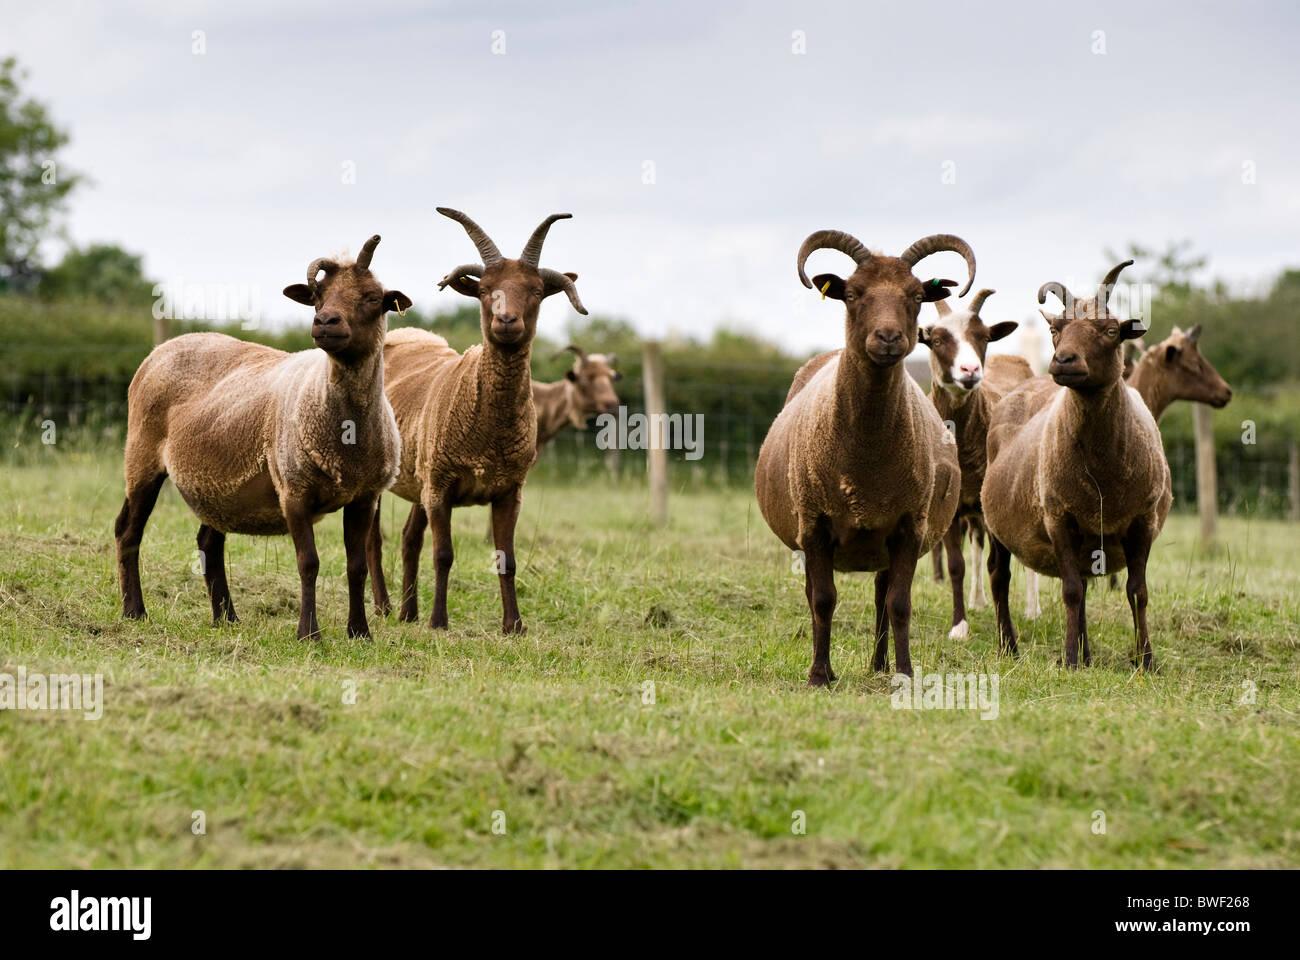 Manx Loaghtan ewes in field - Stock Image